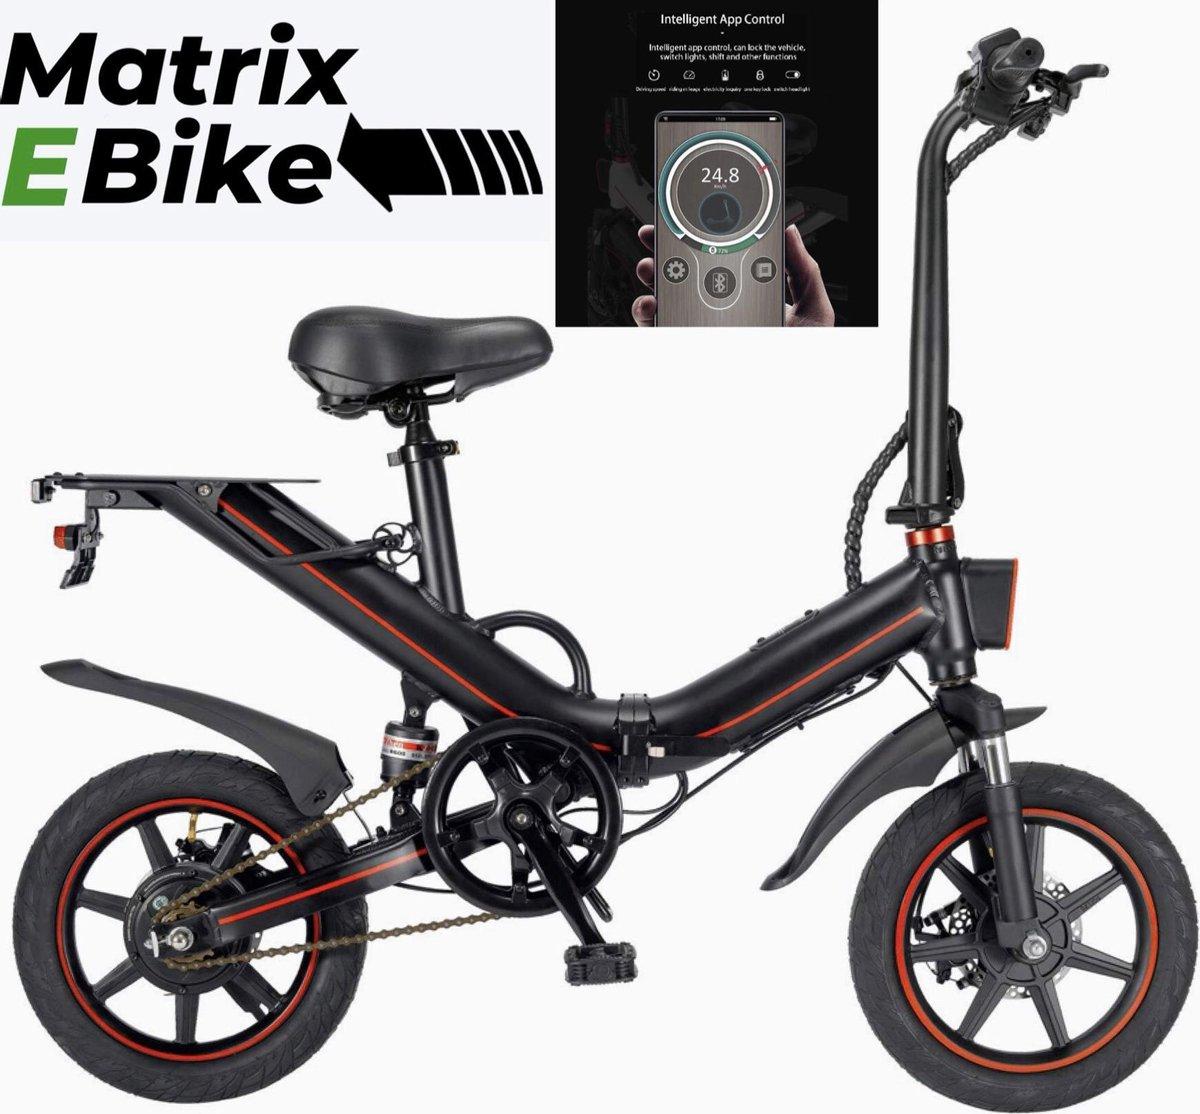 Matrix E Bike V5 - 14Inch - Elektrische Fiets - E Bike - Elektrische Vouwfiets - 500W - 15Ah Panason